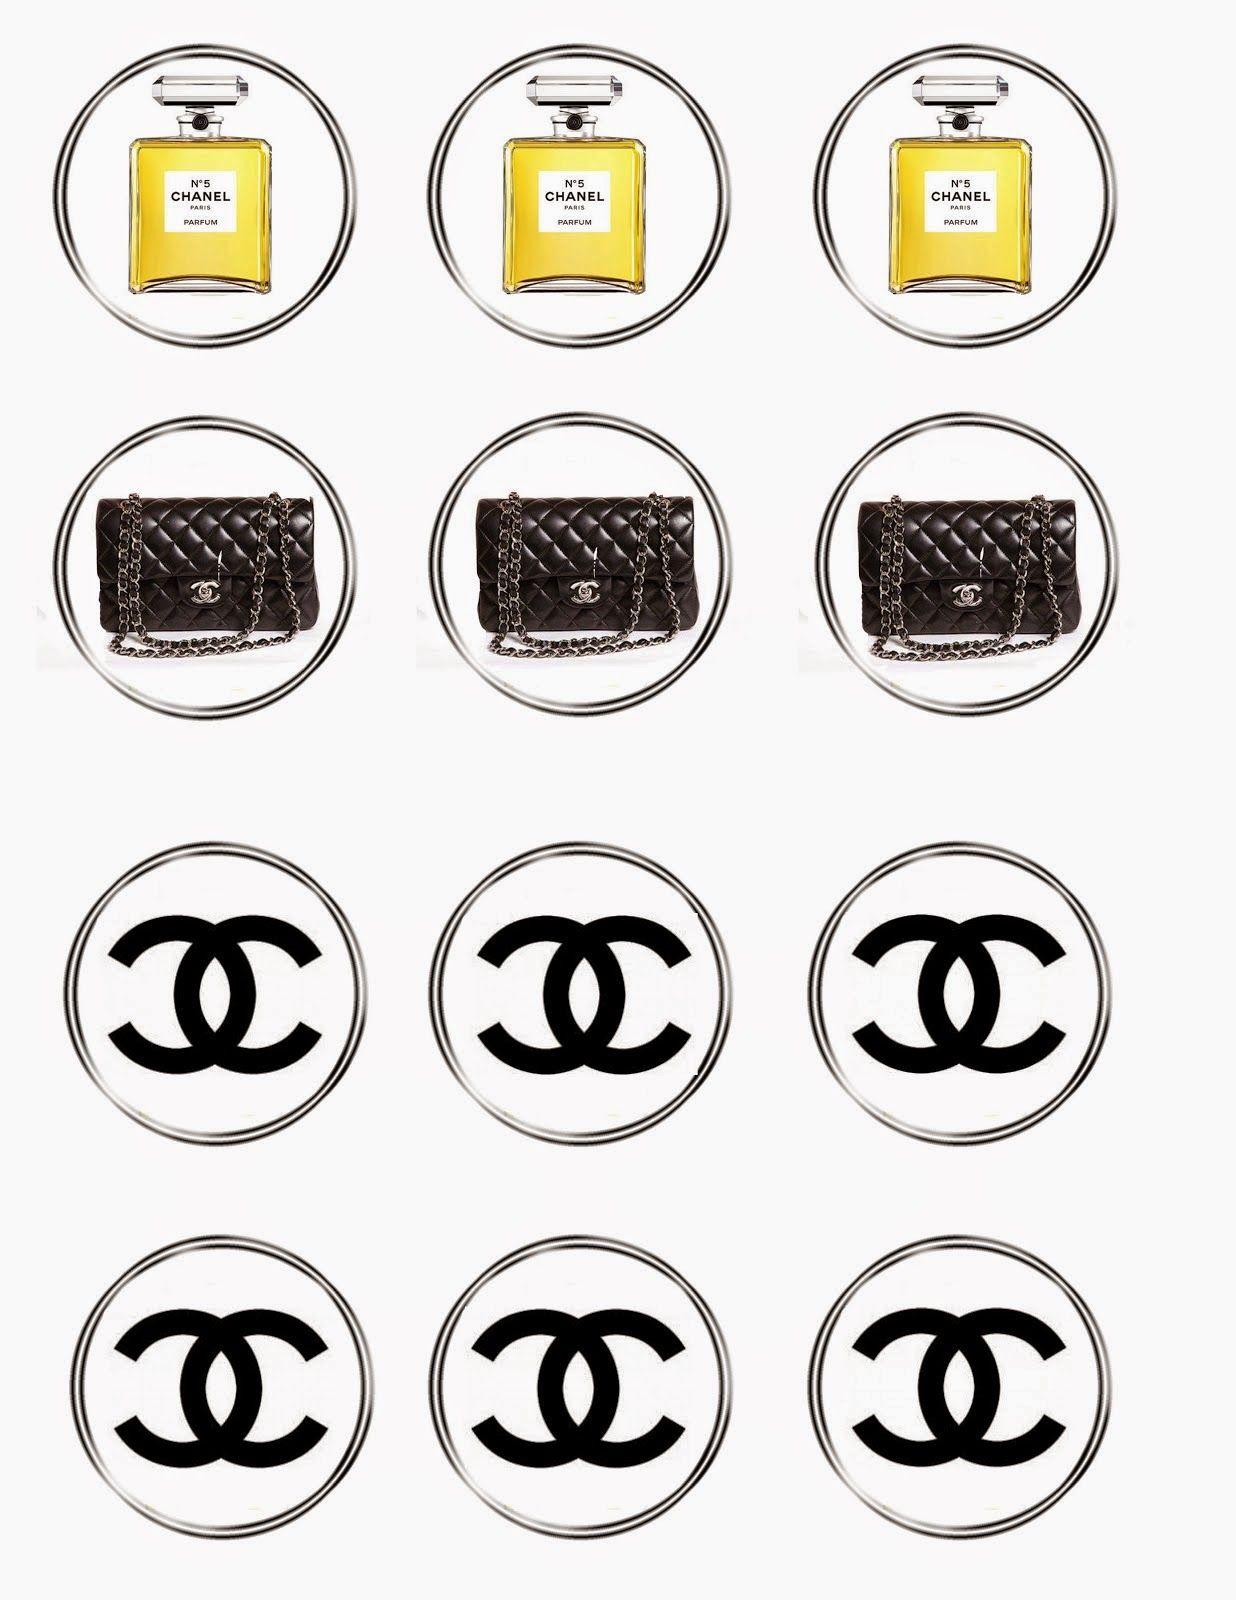 Chanel Printable Logos